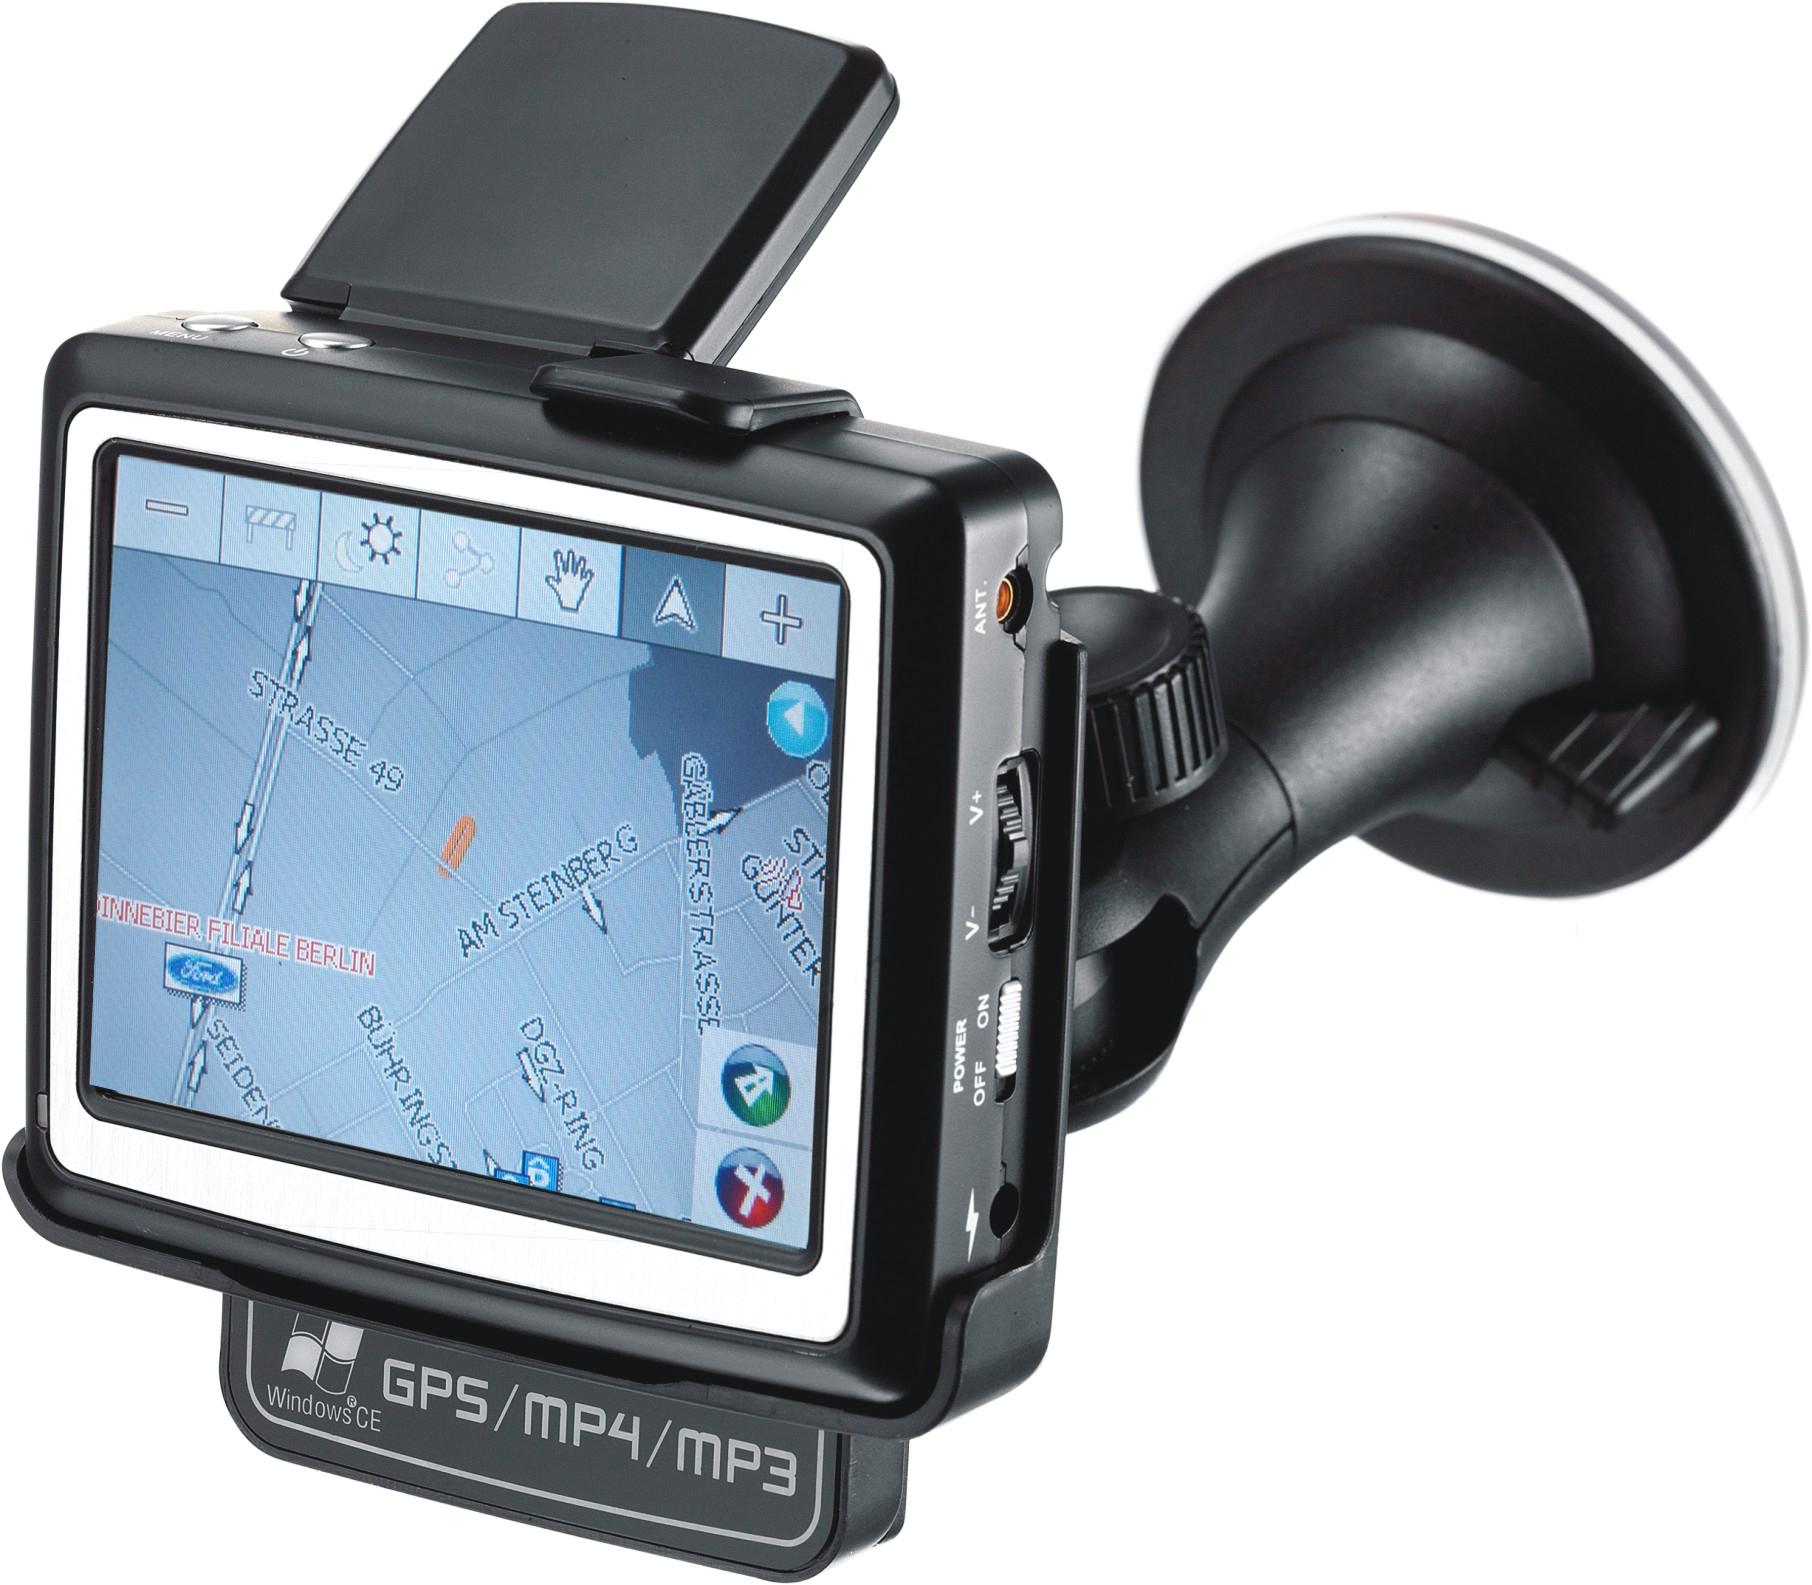 GPS 3000 - MP3,MP4.JPG